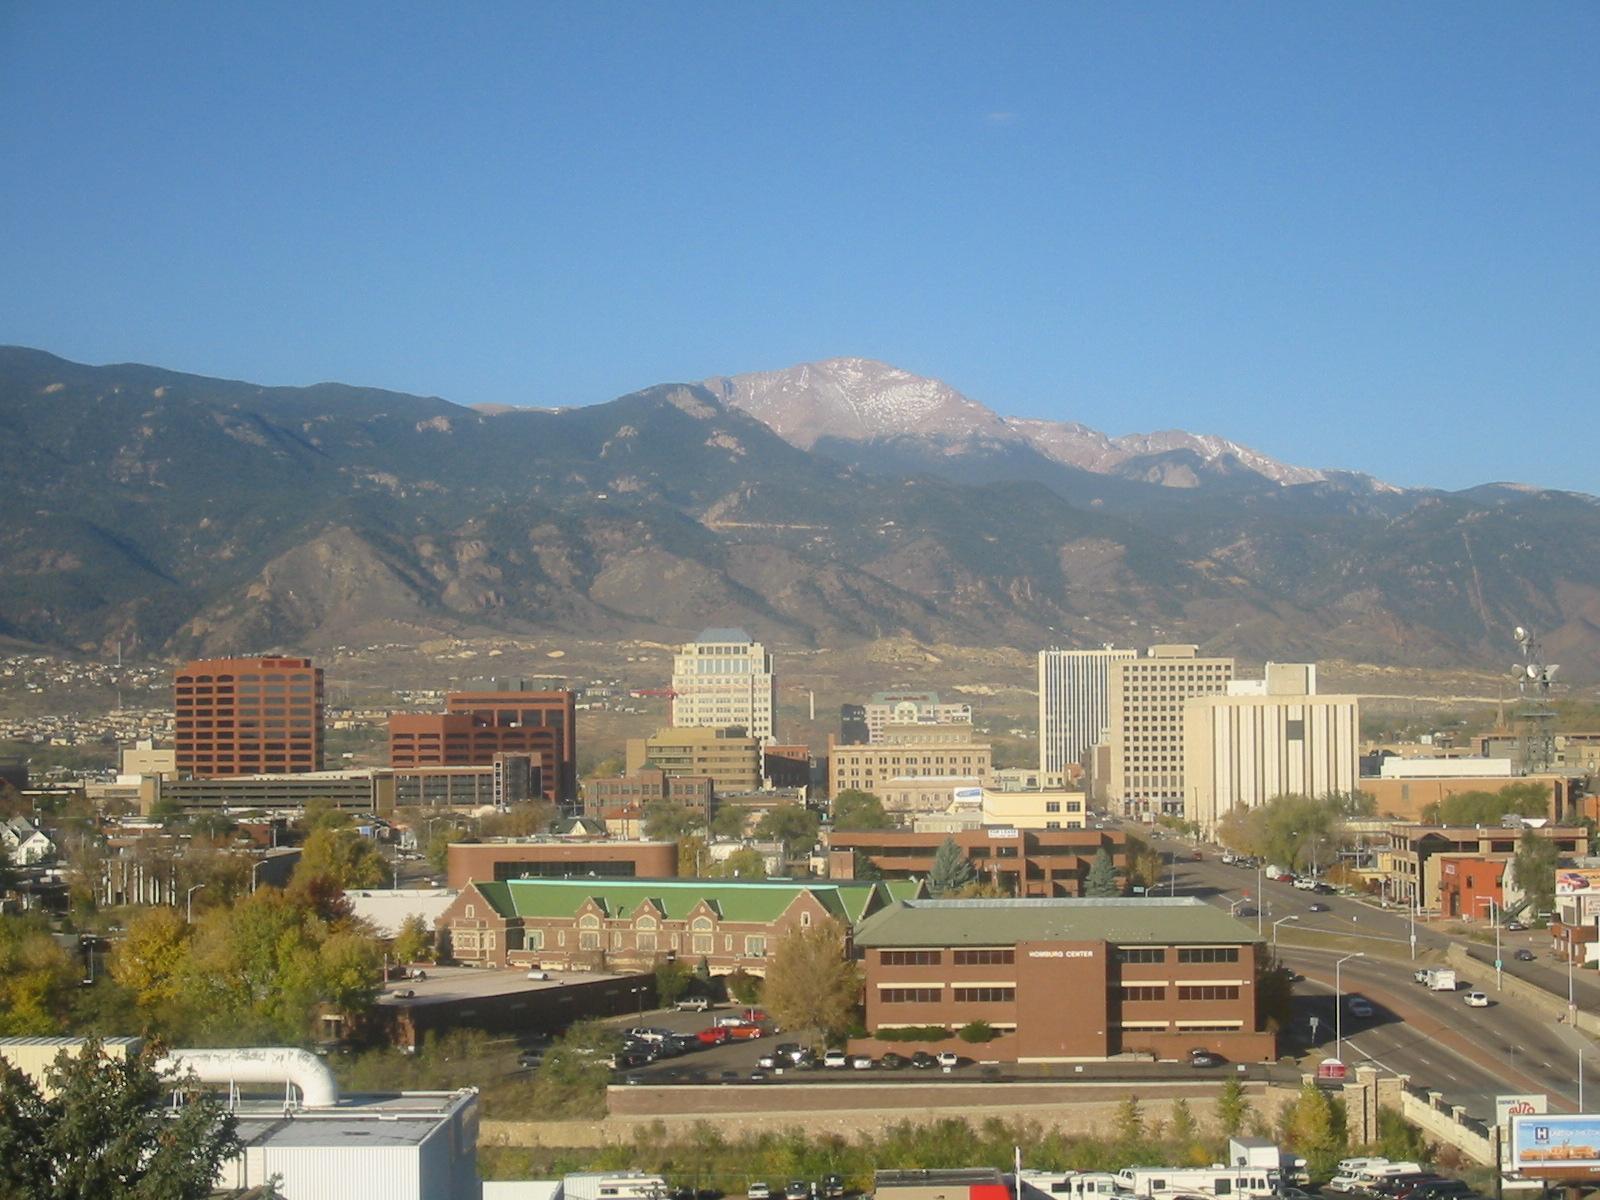 Img 3483 Jpg Colorado Springs